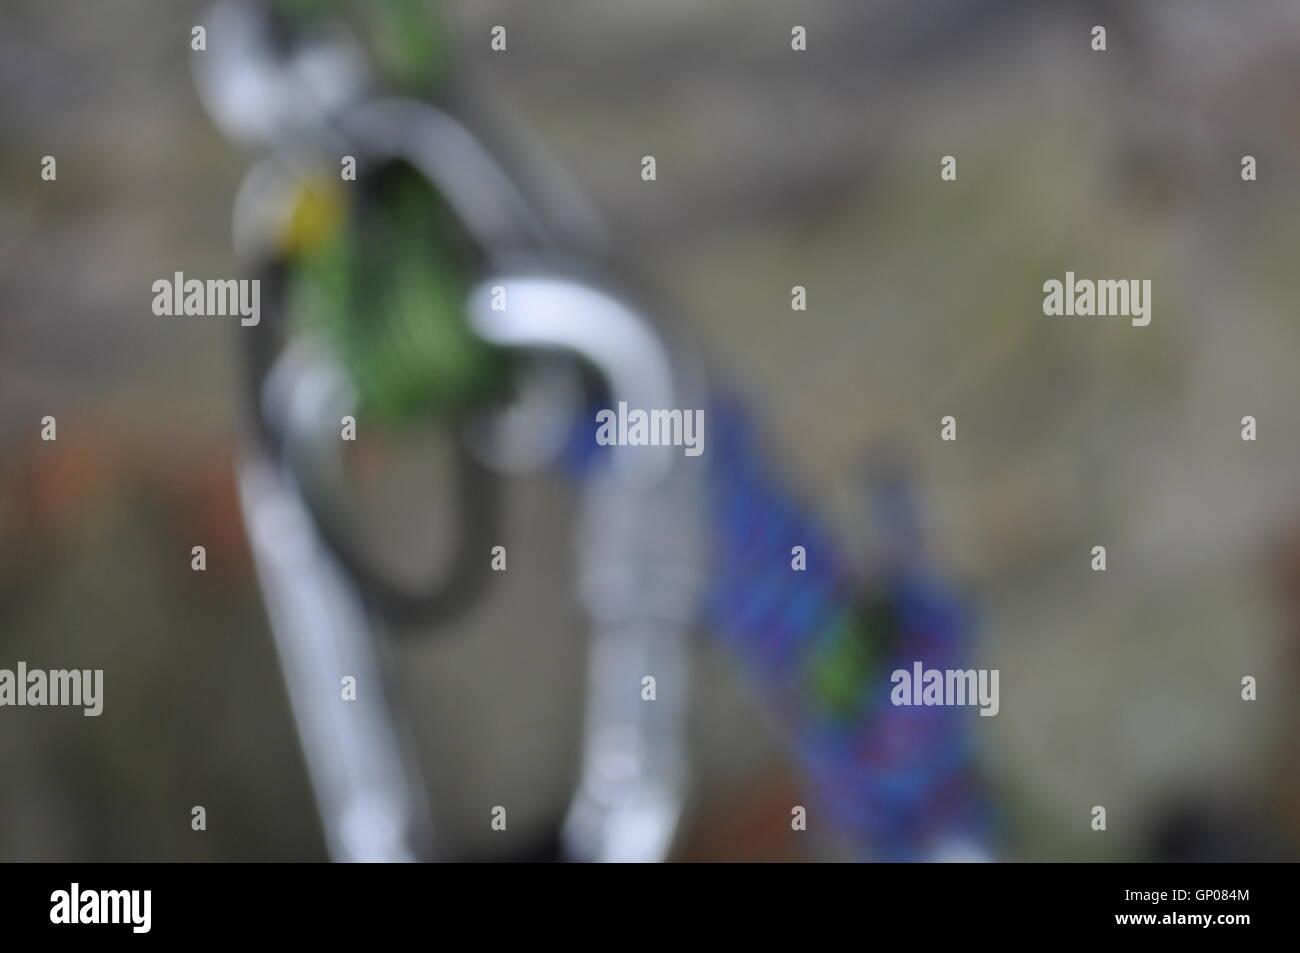 blurred belay set up just like vertigo - Stock Image